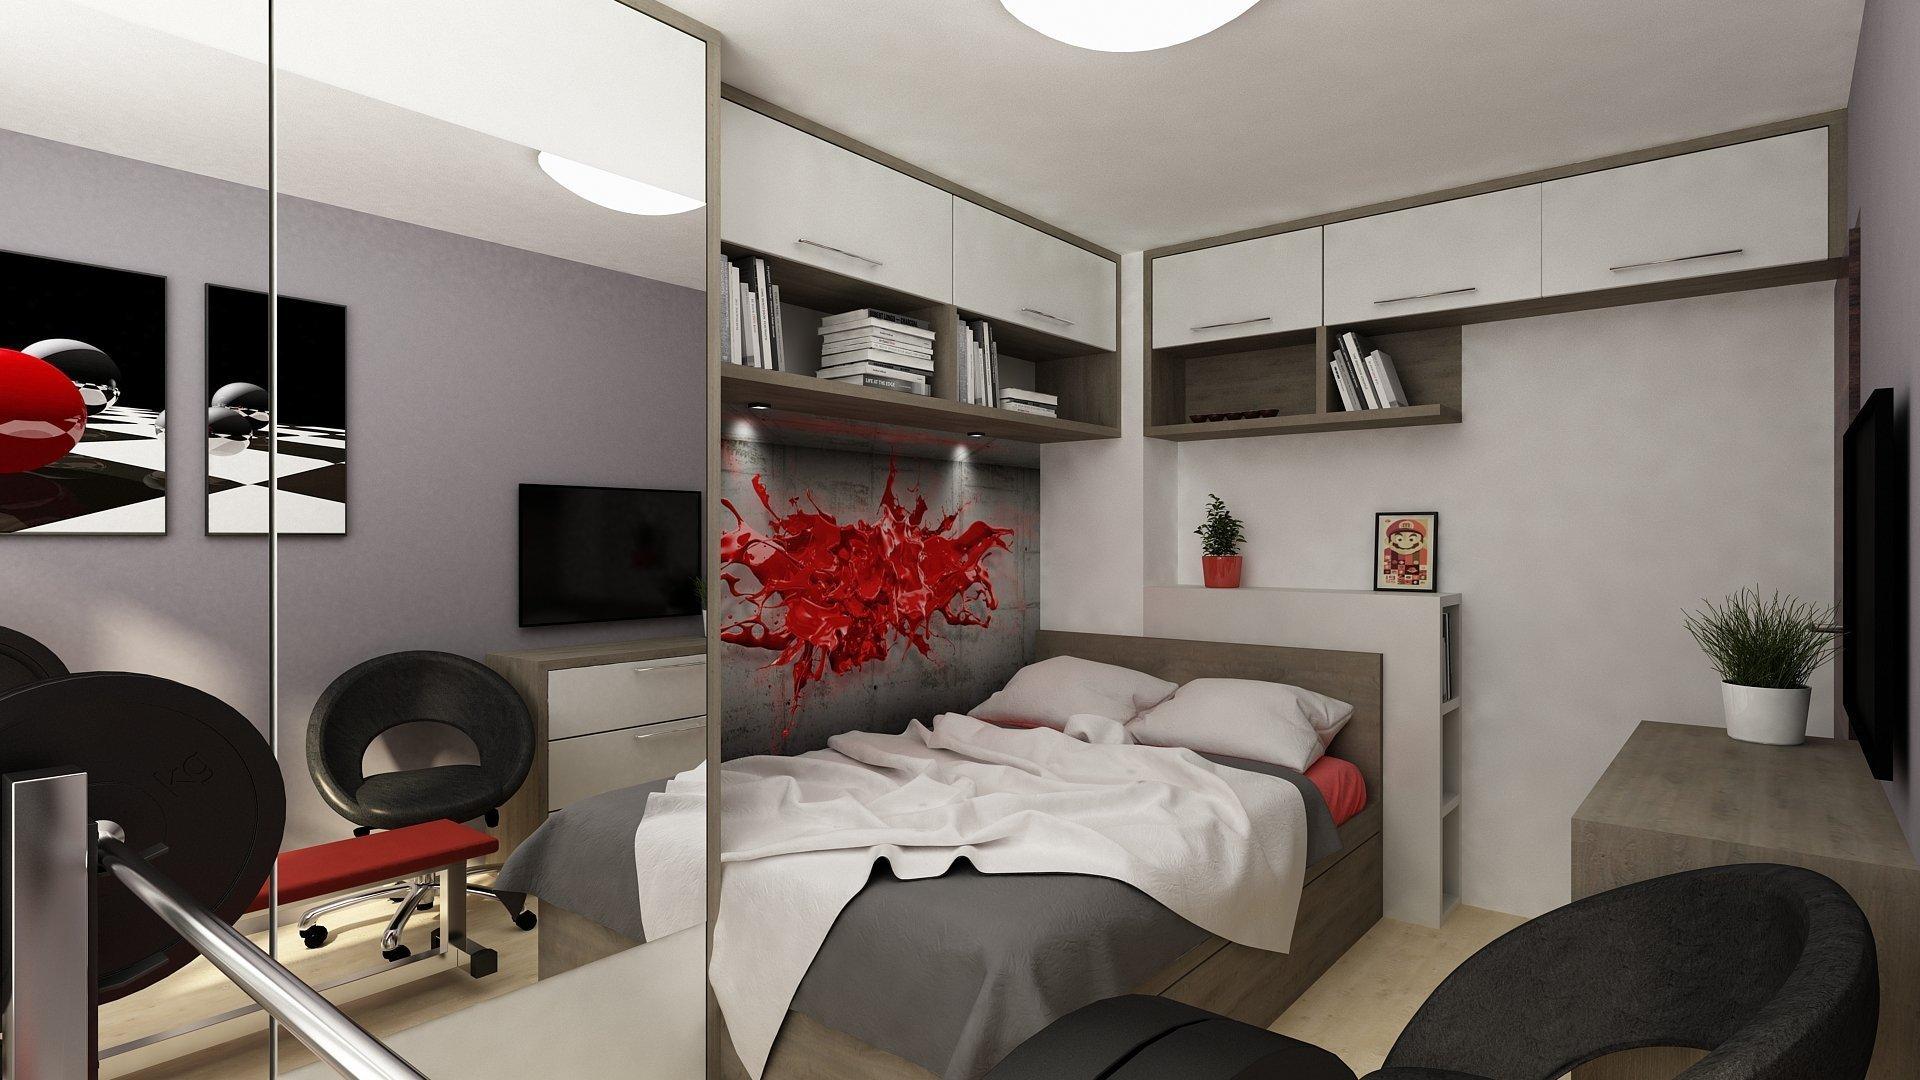 Studentský pokoj s postelí a úložným prostorem. Noční stolek je řešen jako peřiňák a poličky po stranách. Pro zvětšení prostoru je na skříni použito zrcadlo.